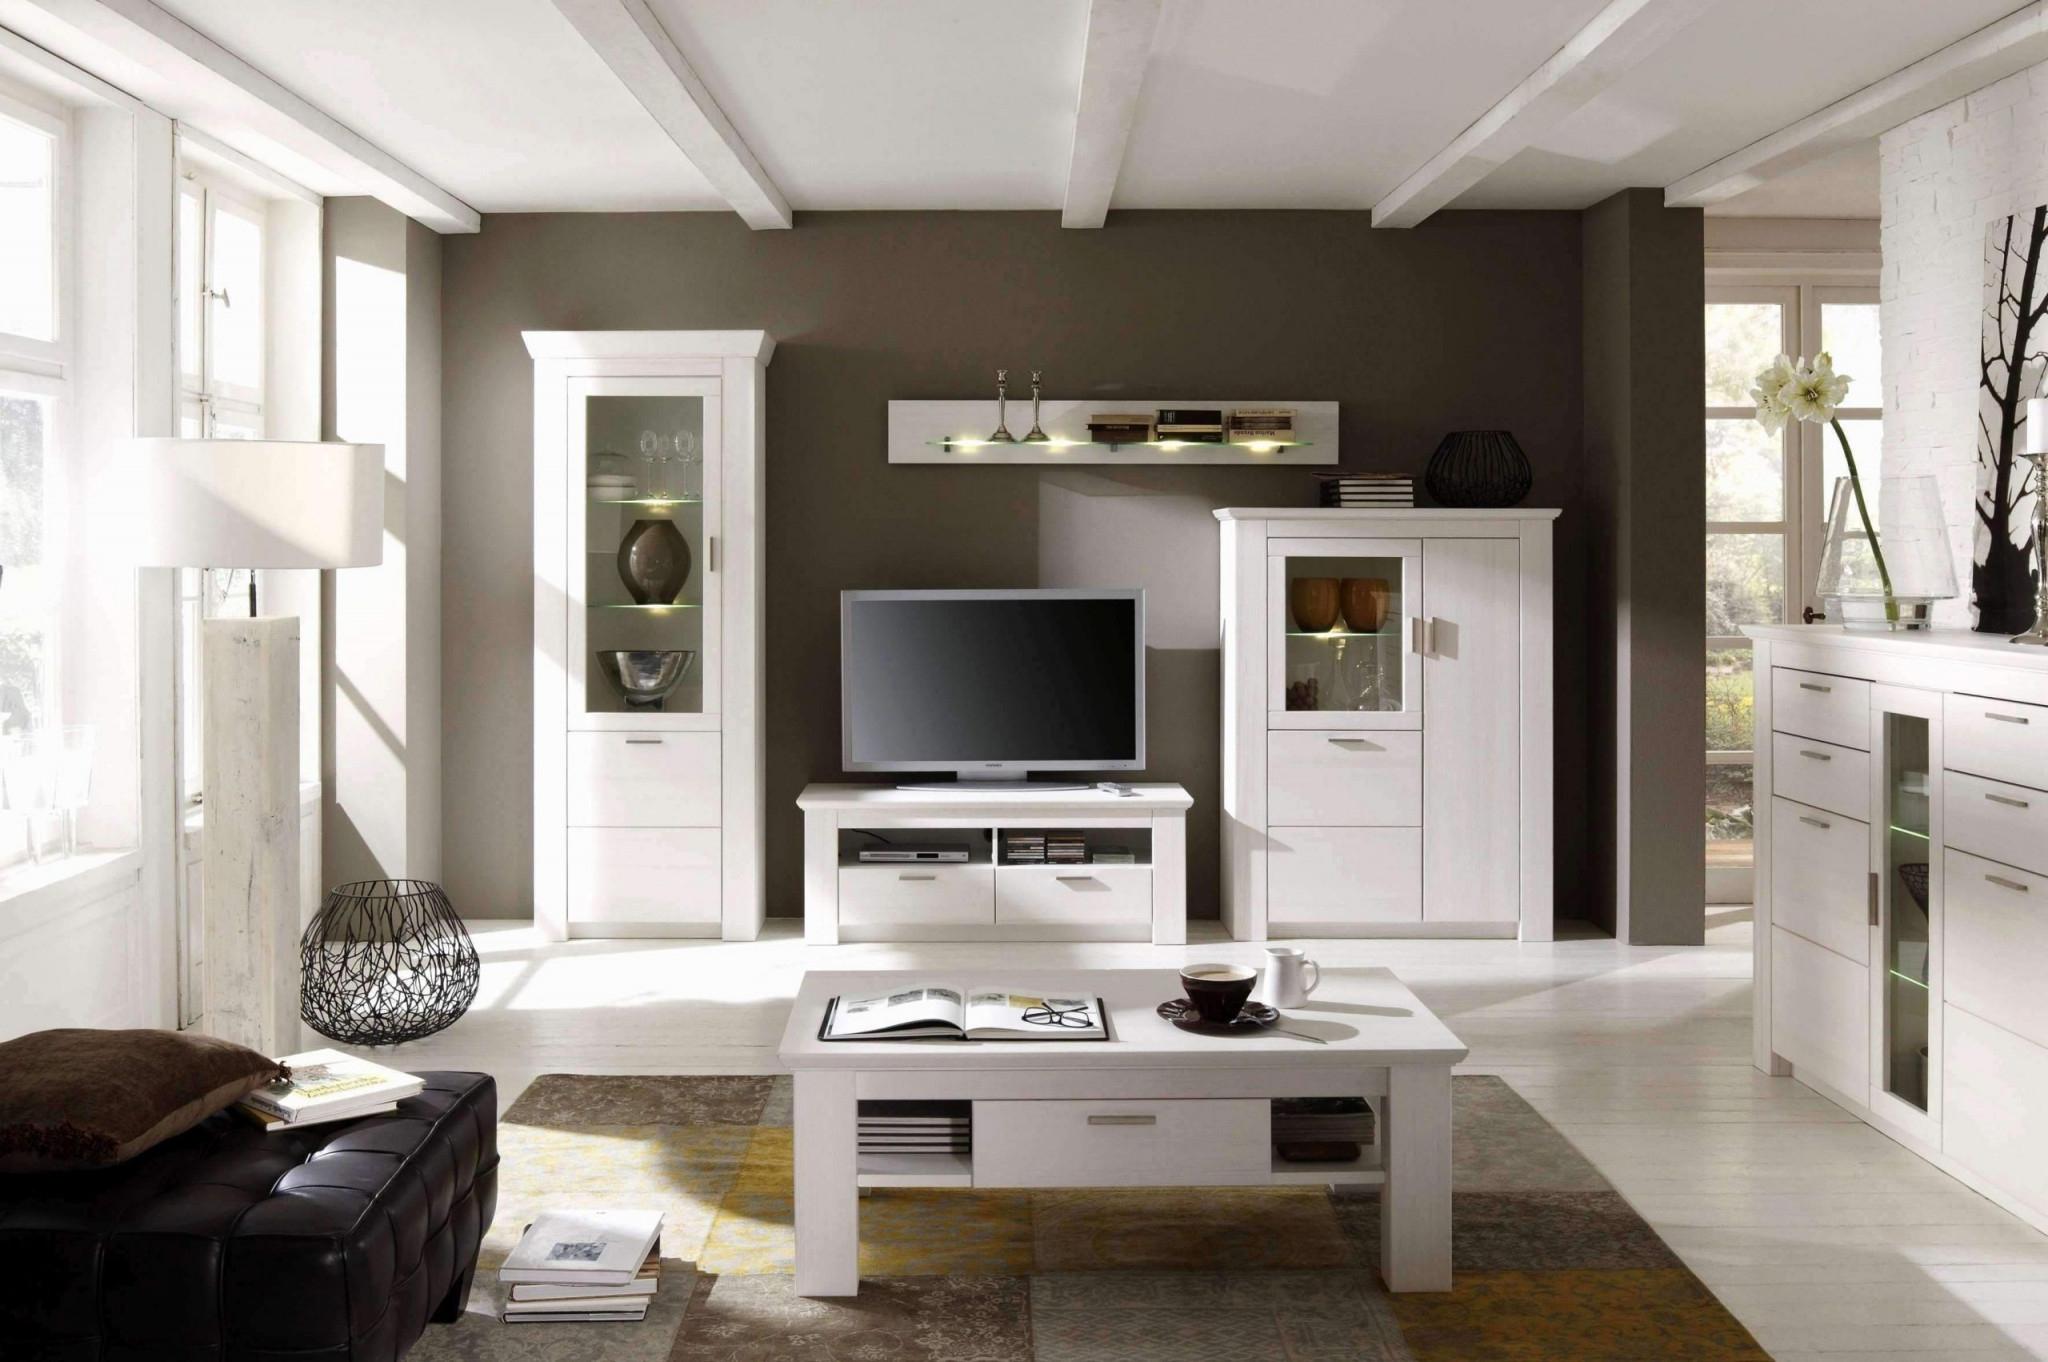 36 Neu Dekoration Wohnzimmer Regal Frisch  Wohnzimmer Frisch von Deko Für Wohnzimmer Regal Bild